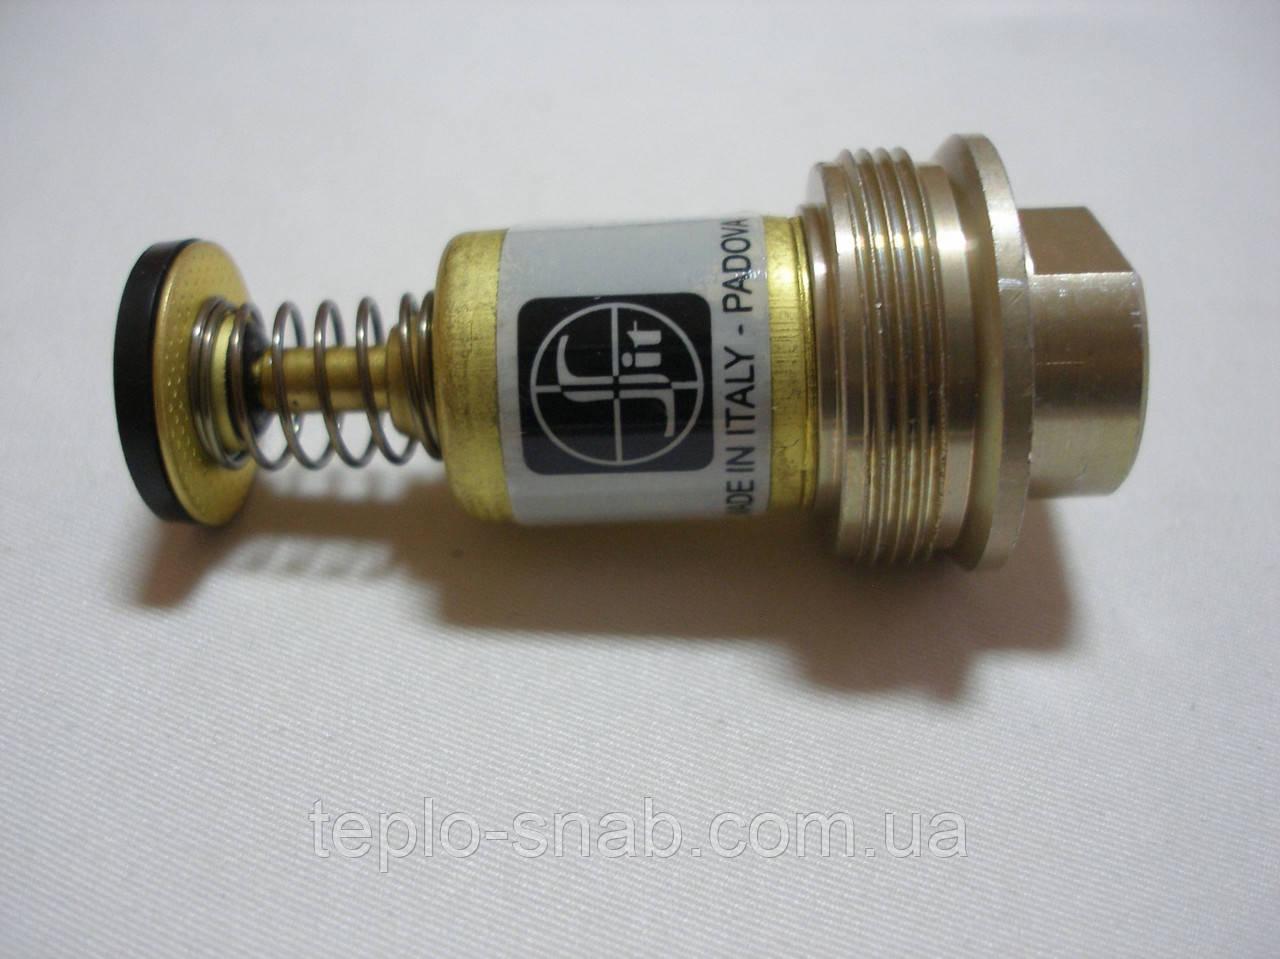 Магнитный блок для газовых клапанов серии 710 MINISIT - 0.006.442